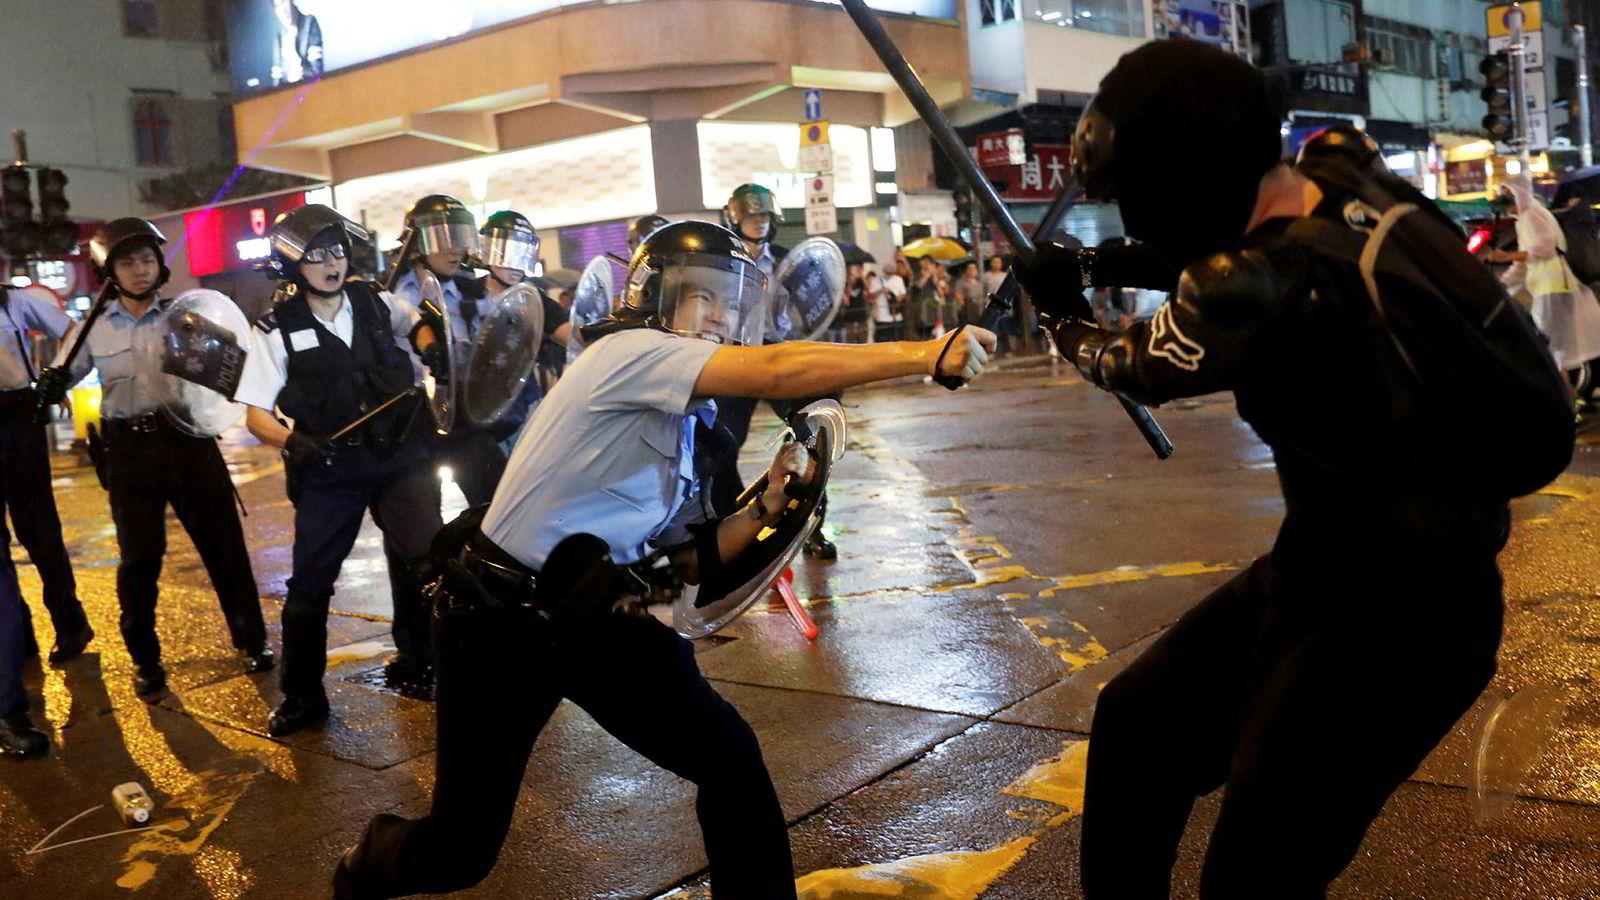 Jeg har vanskelig for å se for meg at demonstrasjonene i Hongkong (bildet) skal resultere i noe annet enn enten en fullstendig lammelse av Hongkong som samfunn eller en militær invasjon på linje med det som skjedde på Den himmelske freds plass for 30 år siden.